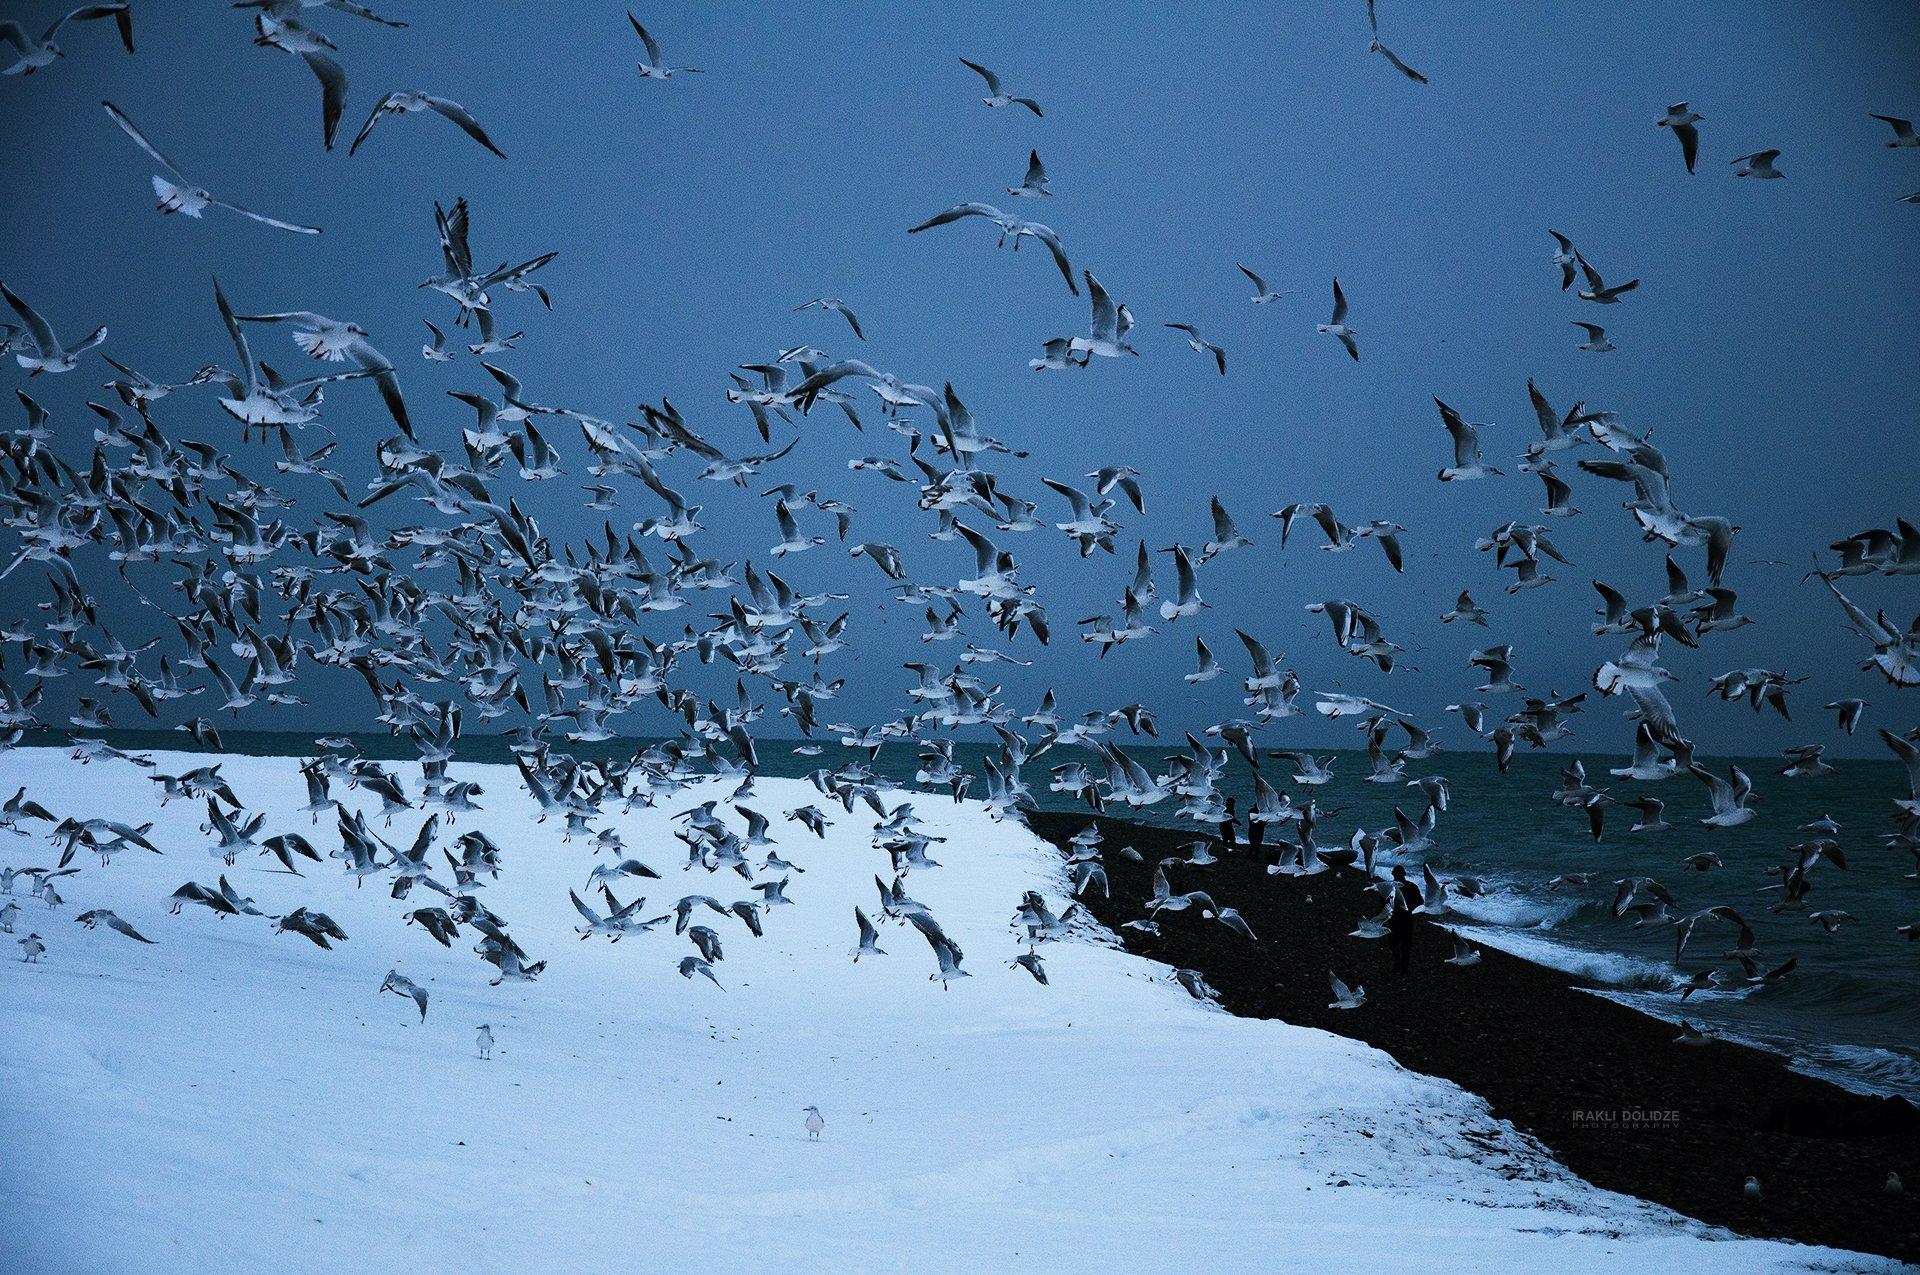 landscape, sea, winter, snow, seagulls, fling, seaside, frozen, cold, outside,, ირაკლი დოლიძე